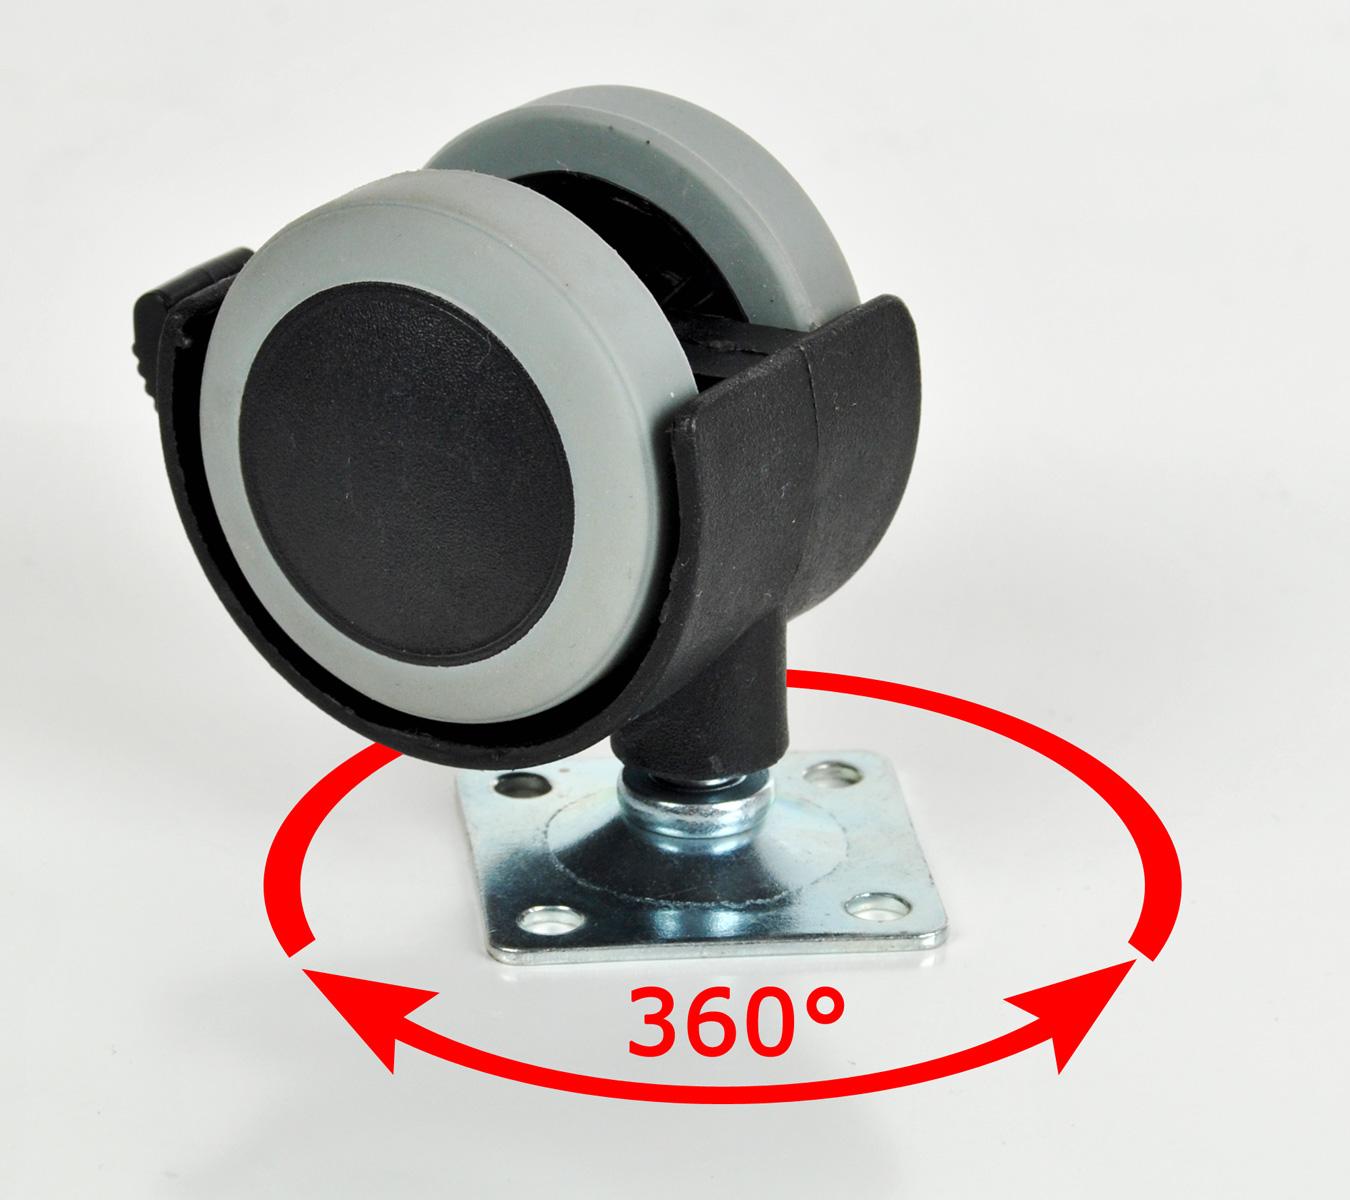 m belrolle bremse platte gummirolle transportrollen bockrolle lenkrolle 40mm ebay. Black Bedroom Furniture Sets. Home Design Ideas